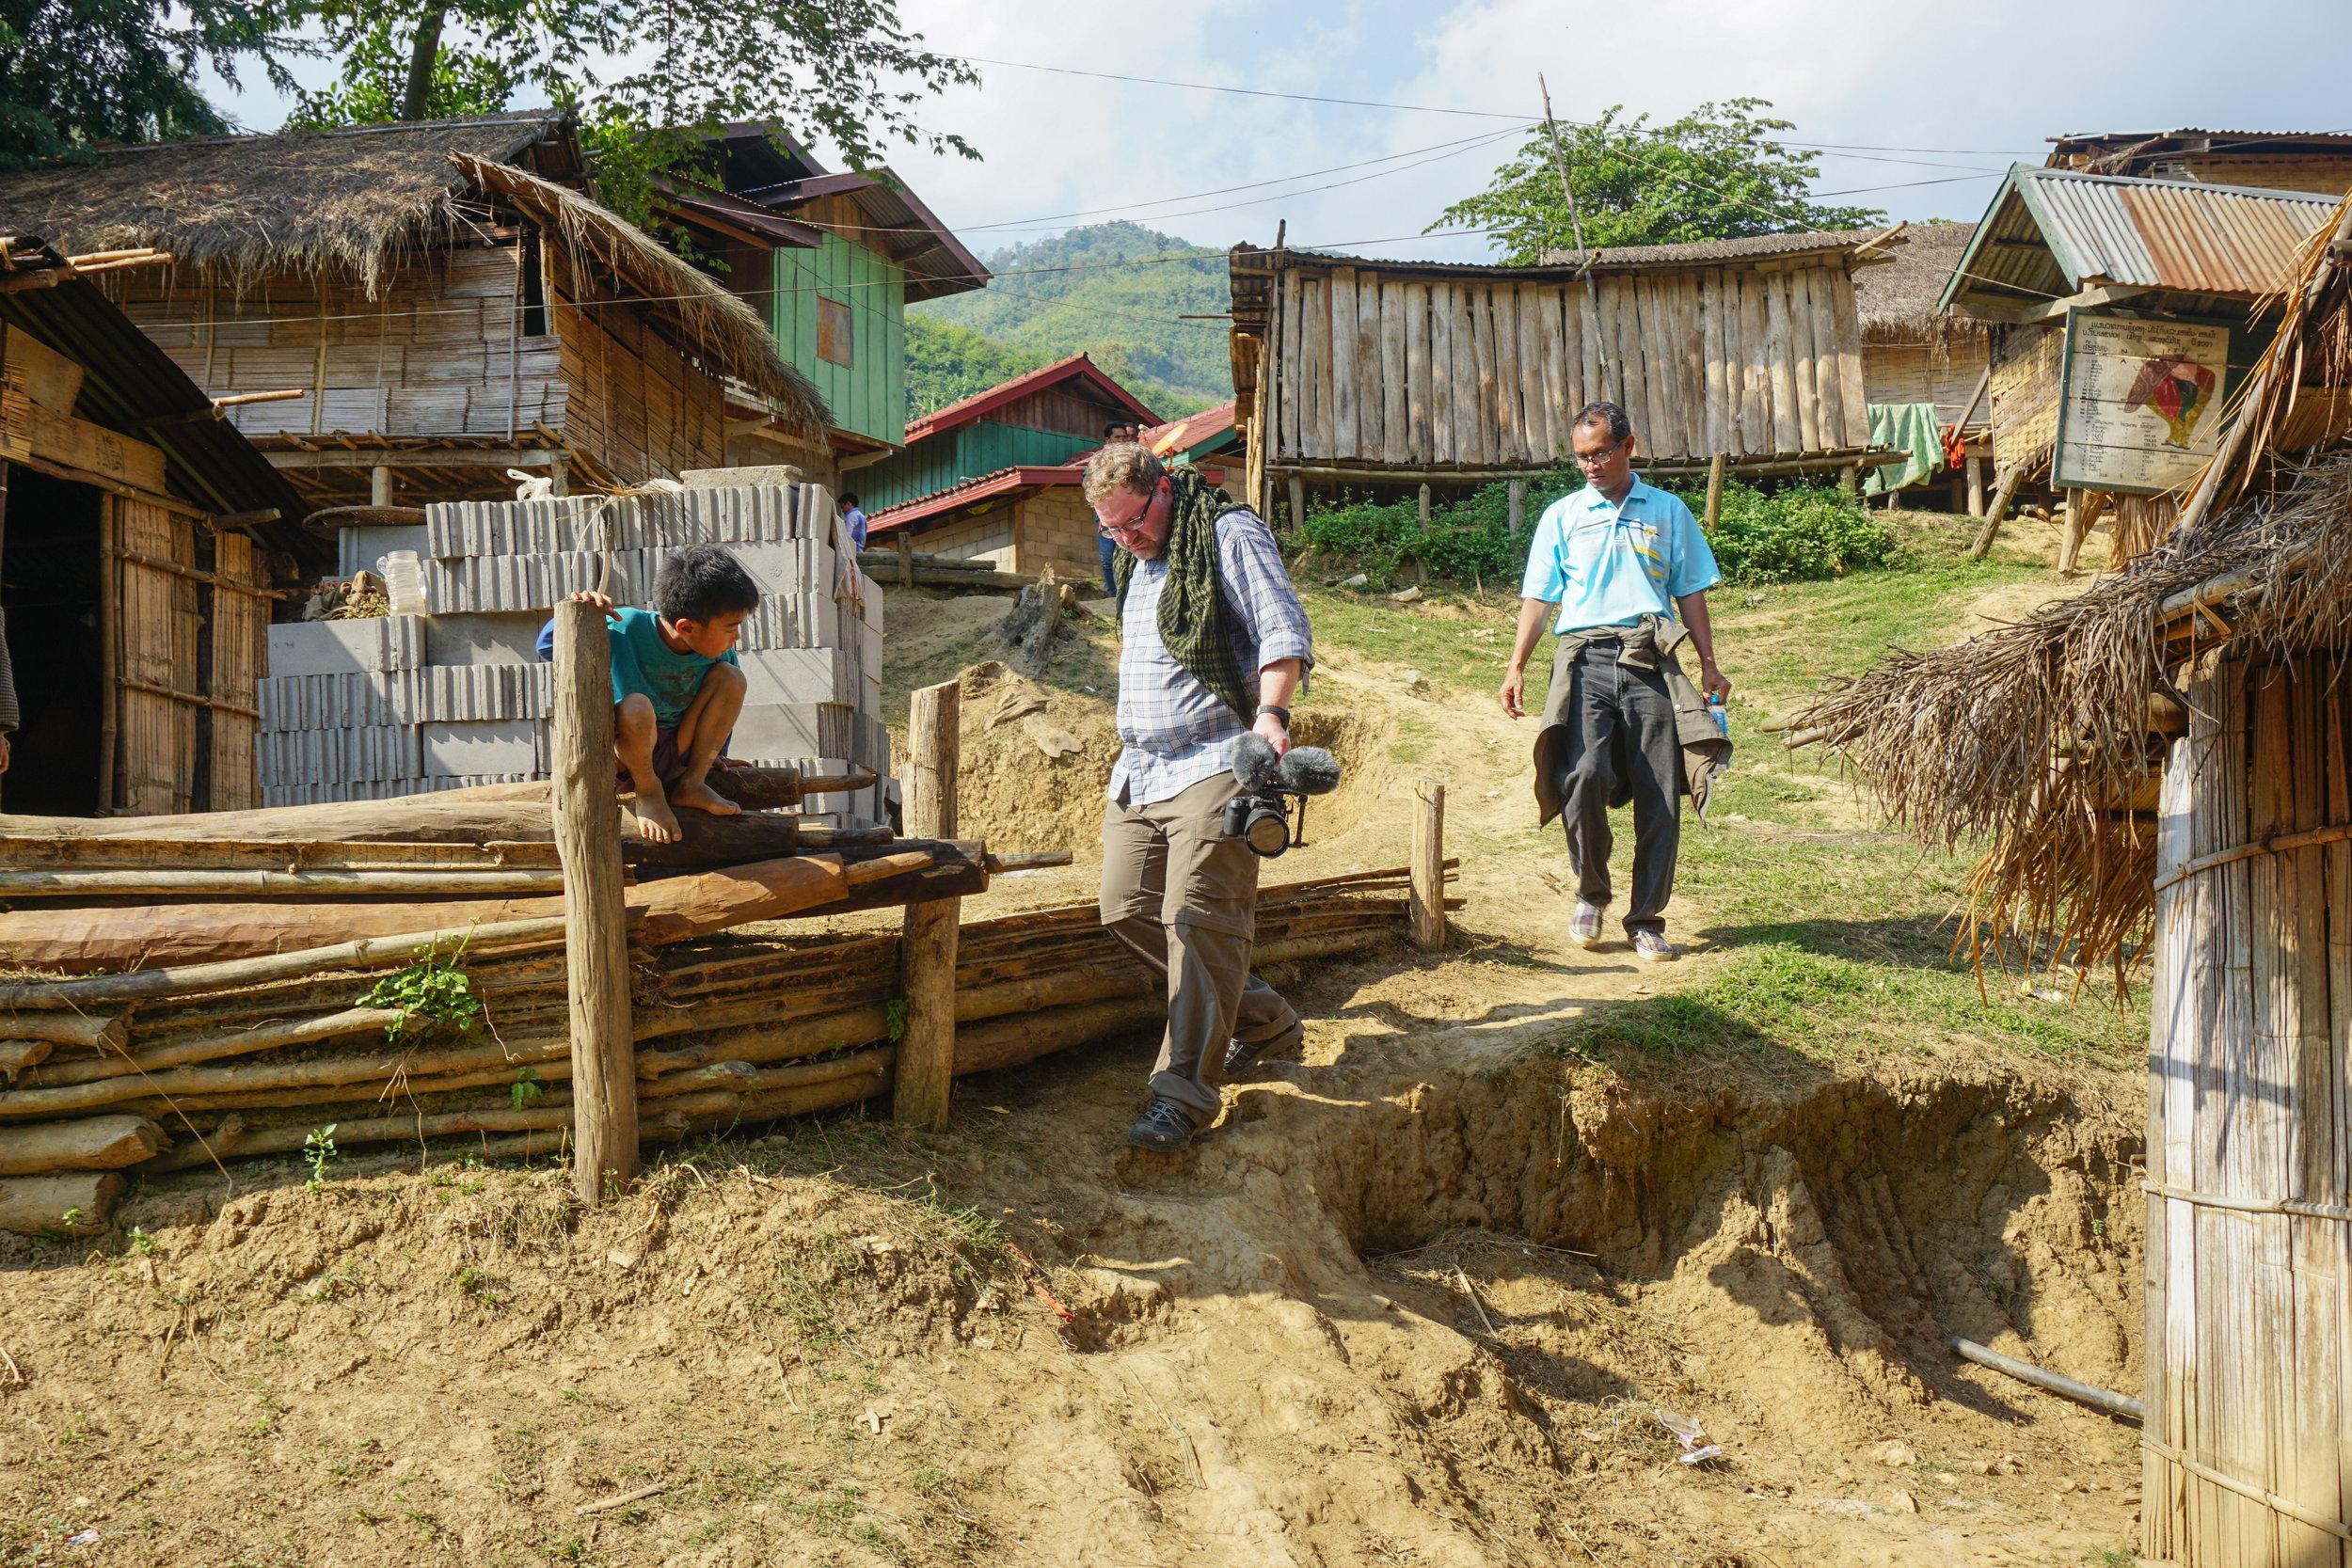 201601-Laos-JoelRabb-S1177-W.jpg